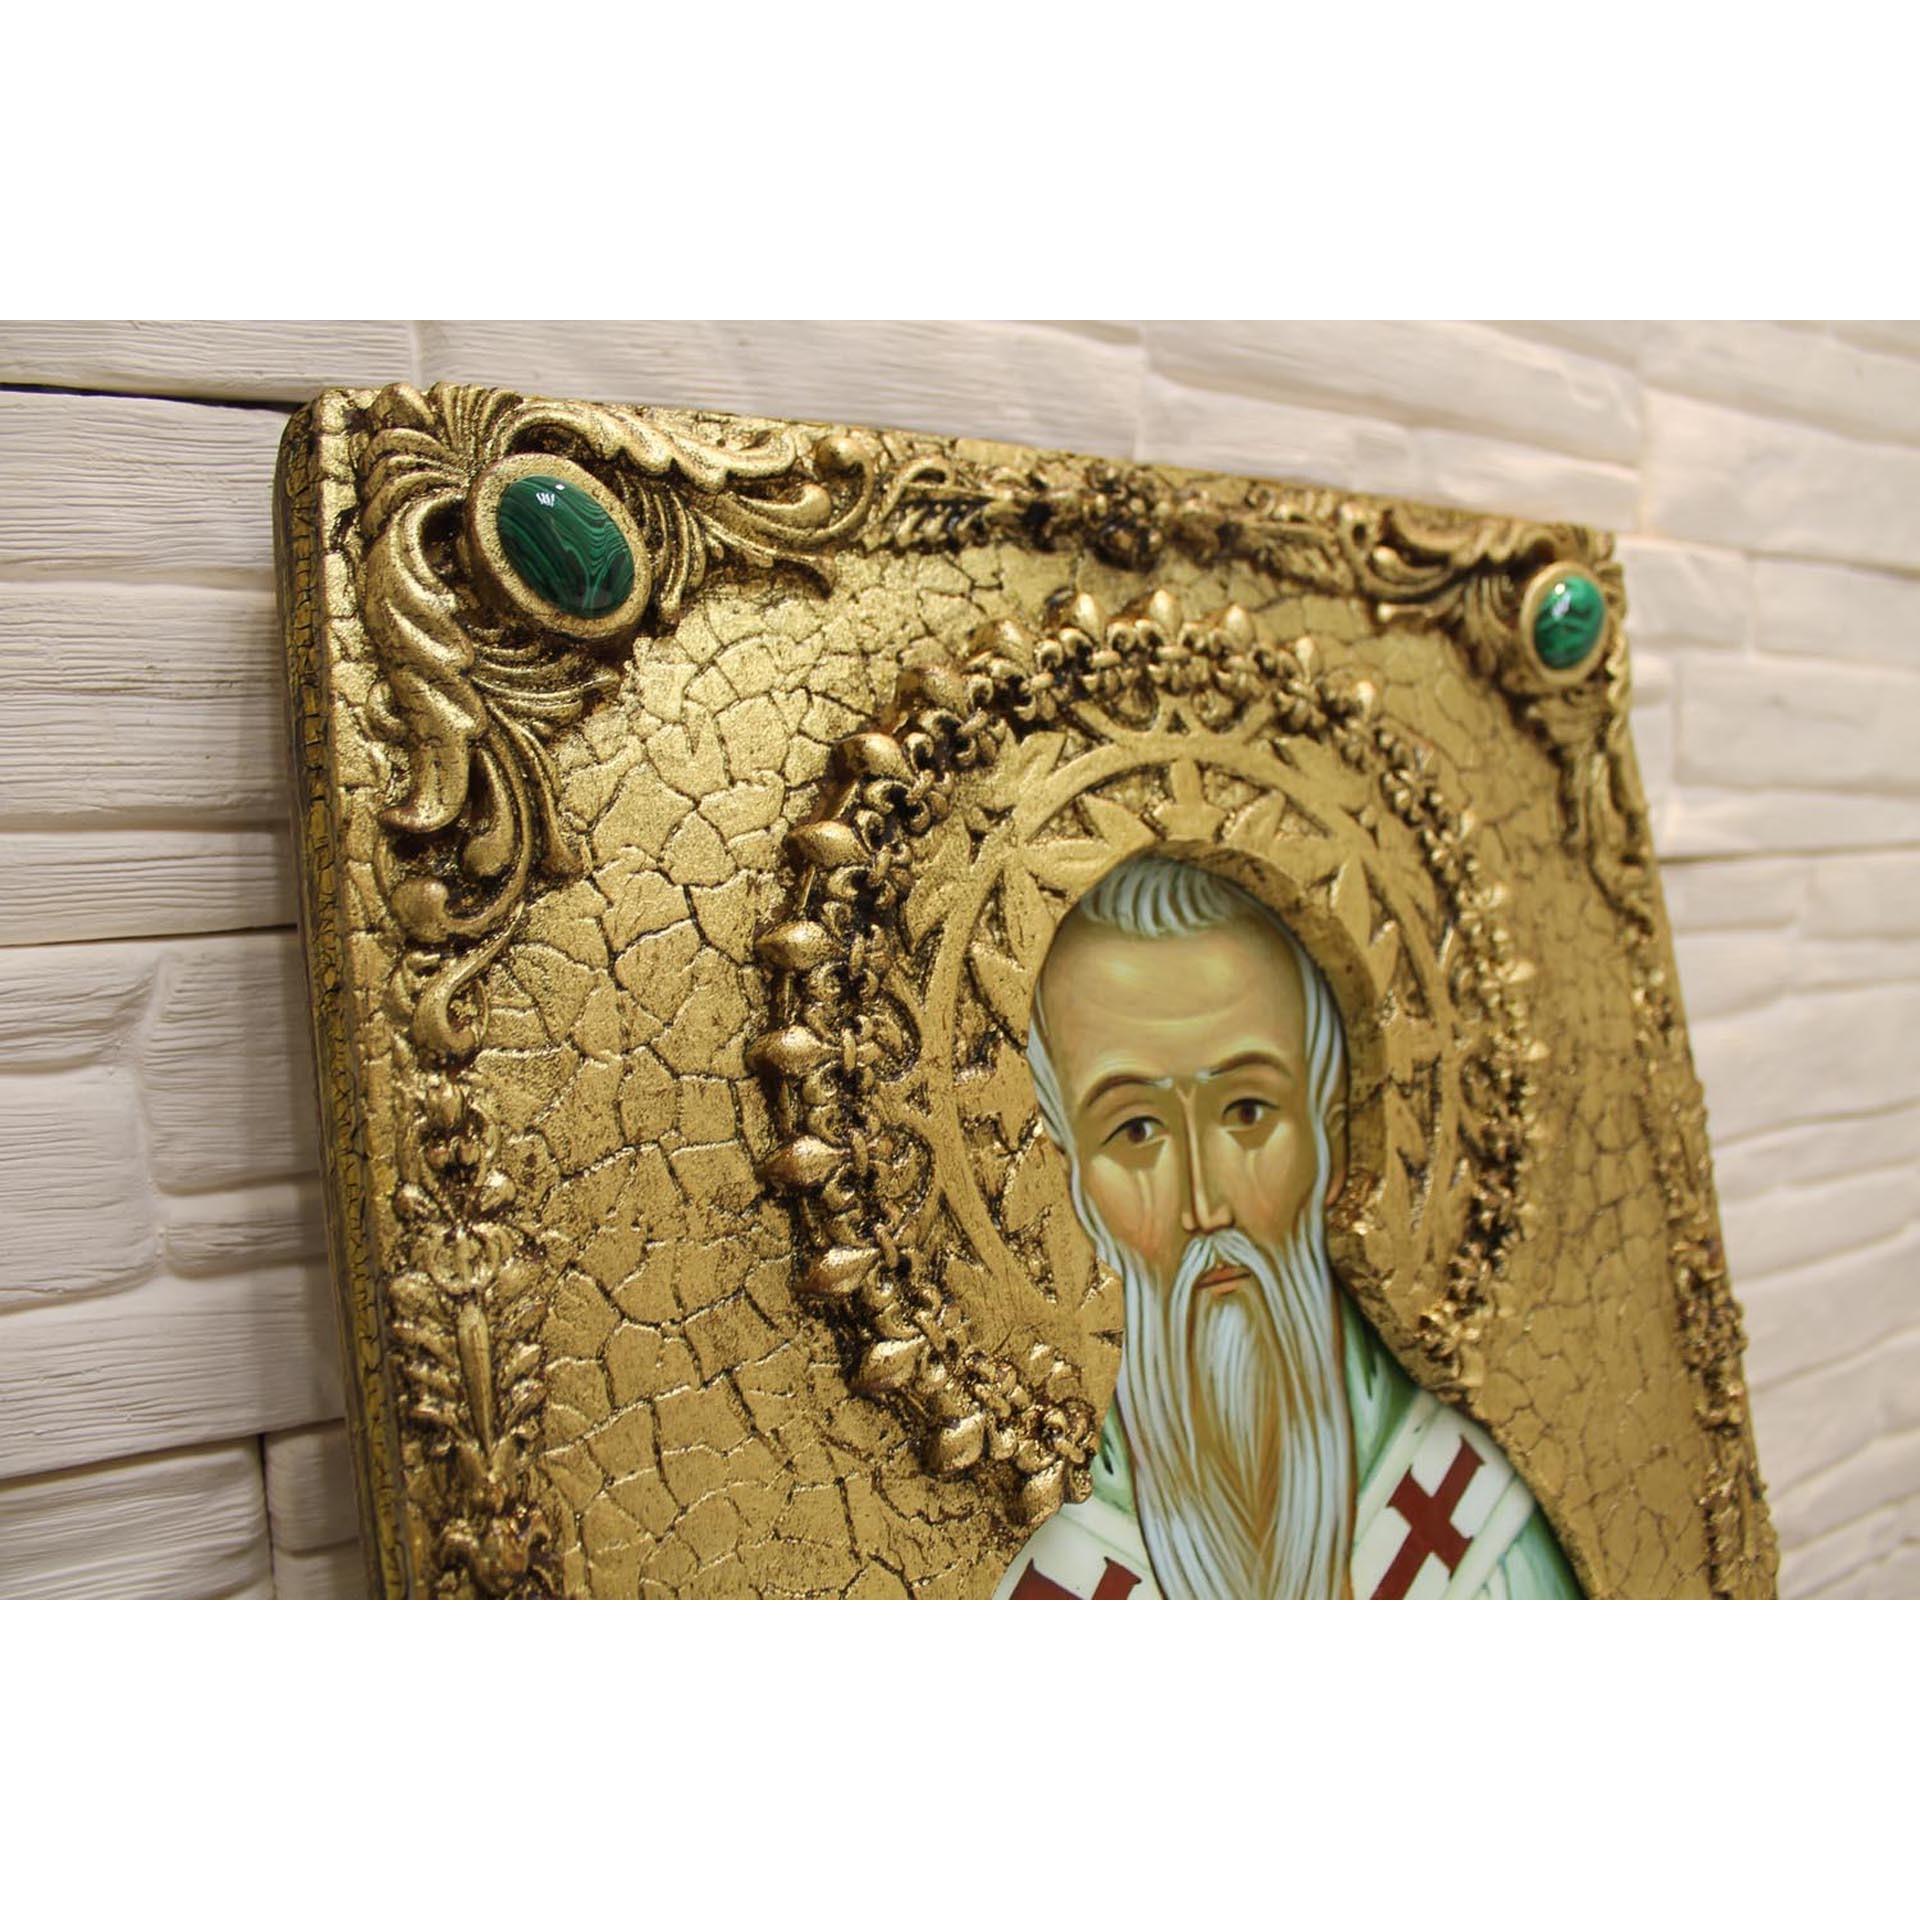 Именная икона Стефан (Великопермский), епископ размером 30 на 40 см с камнями